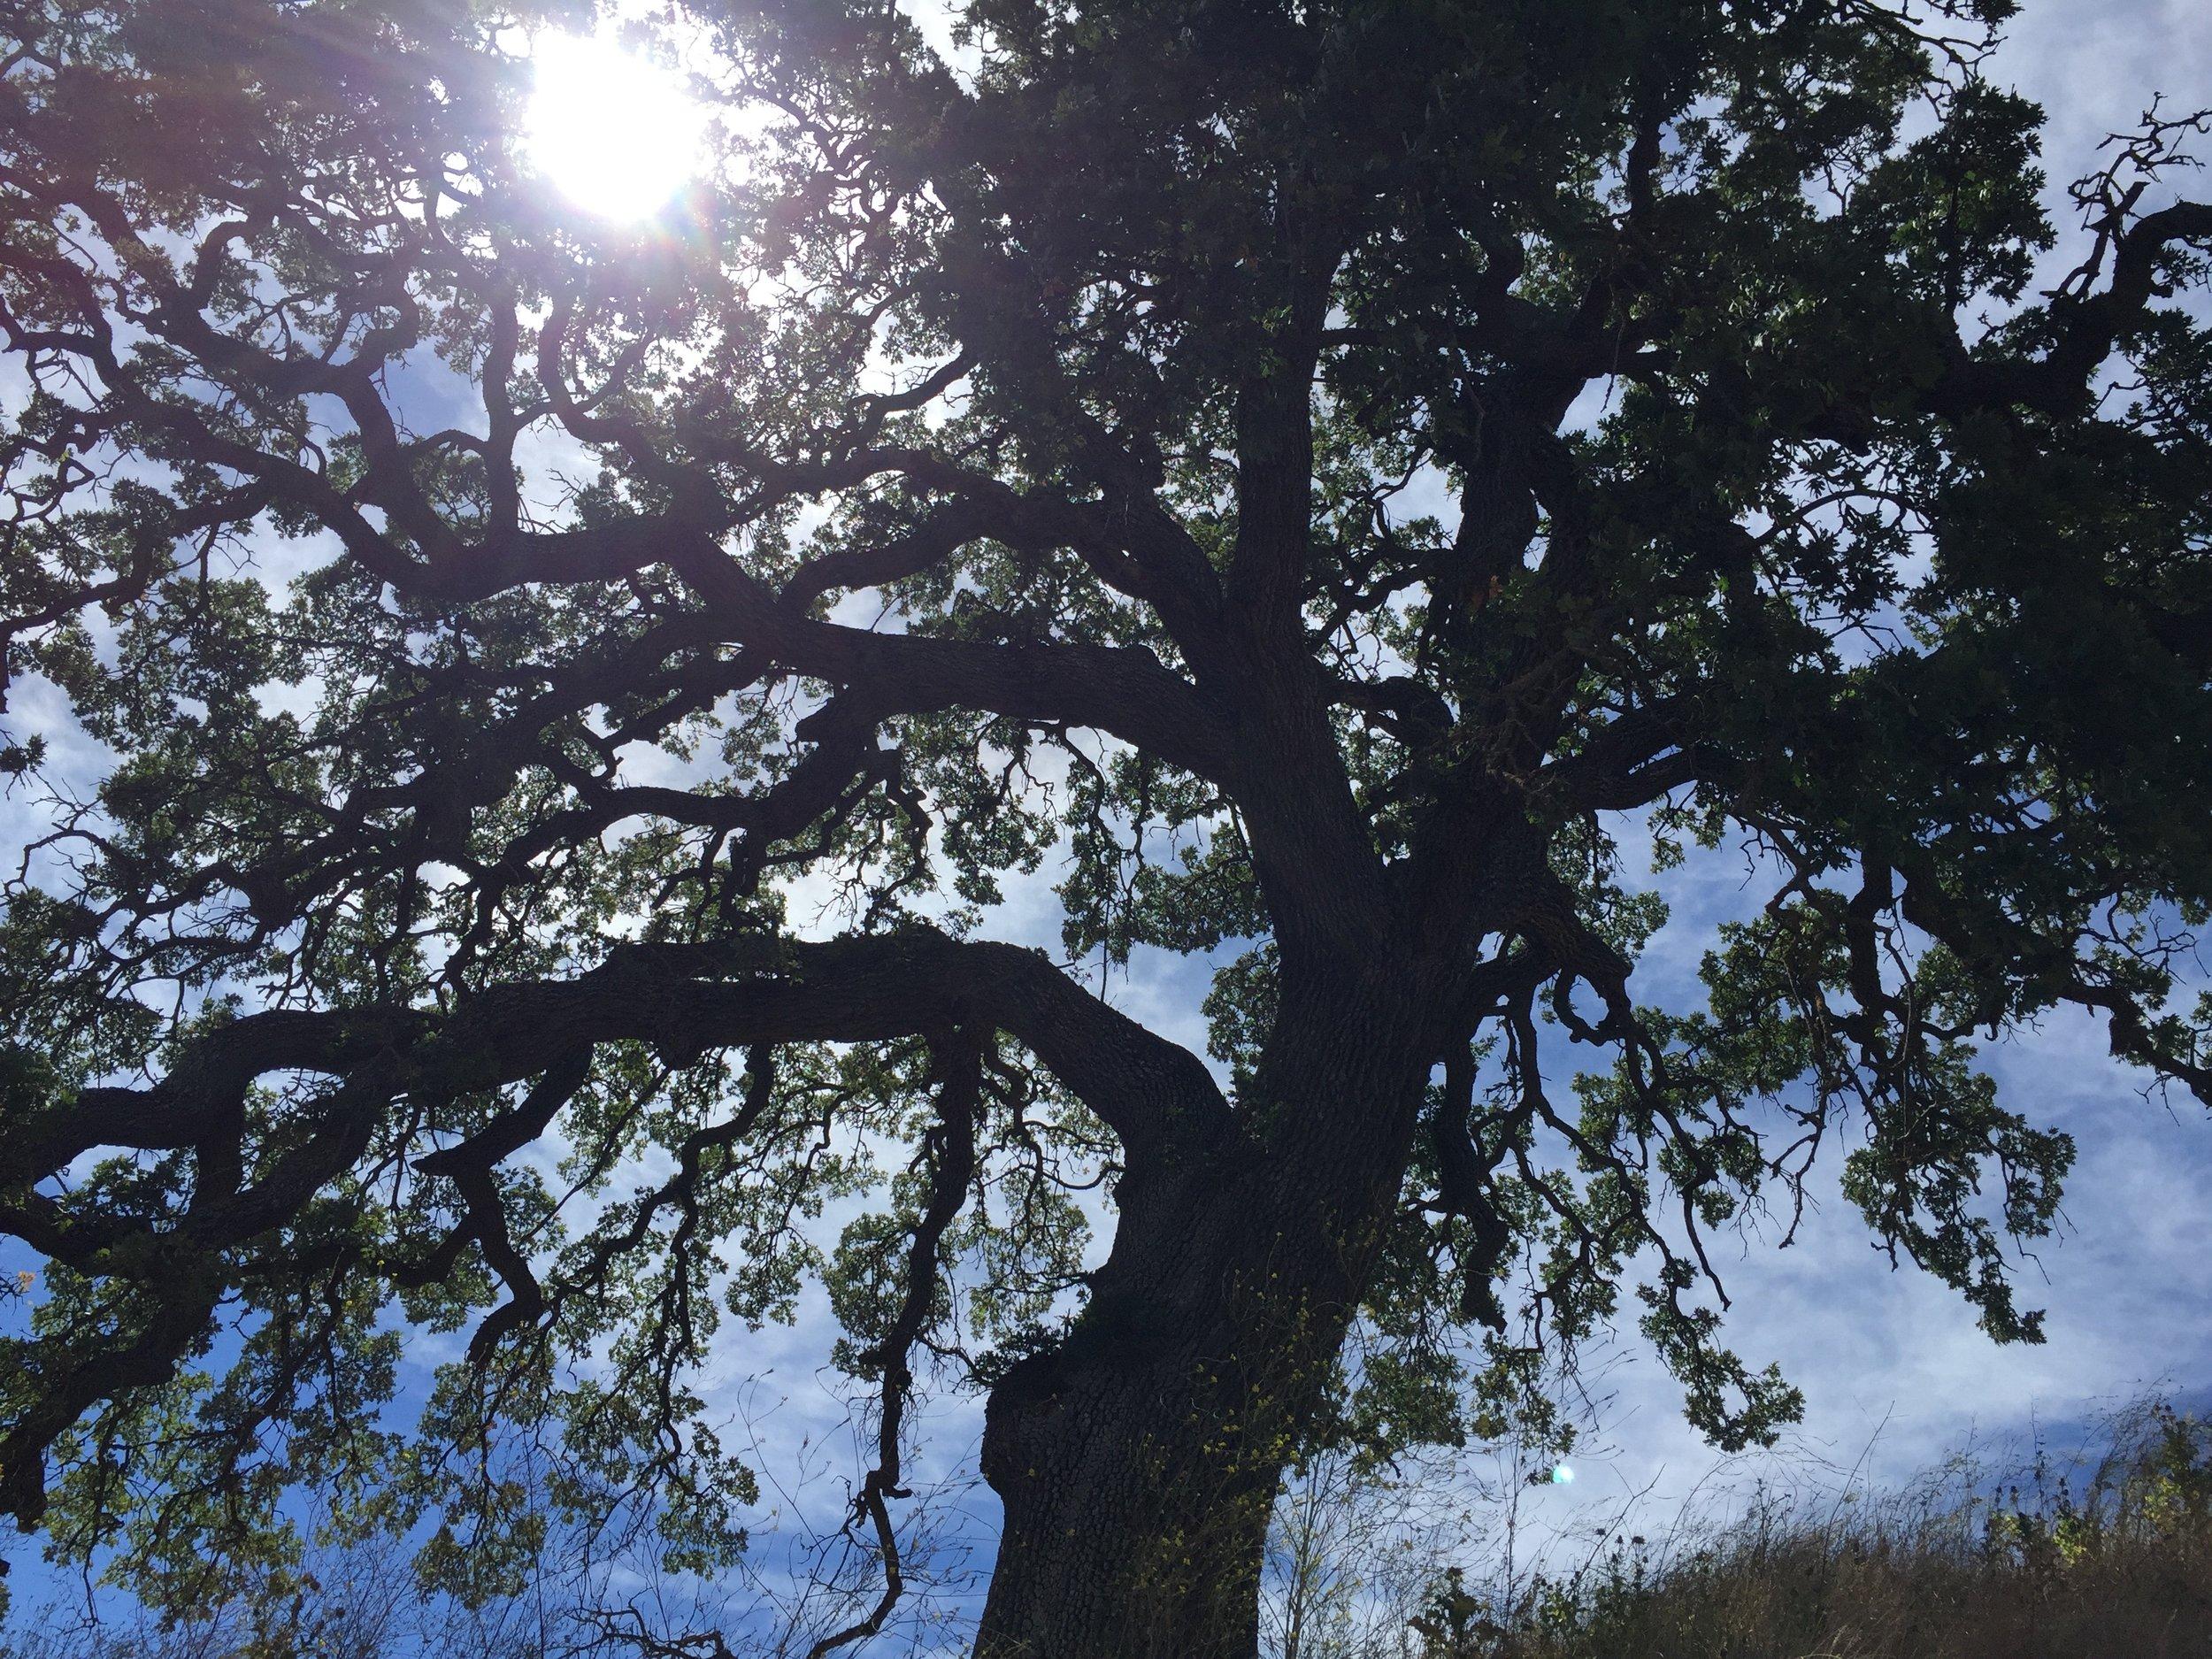 A majestic Valley Oak